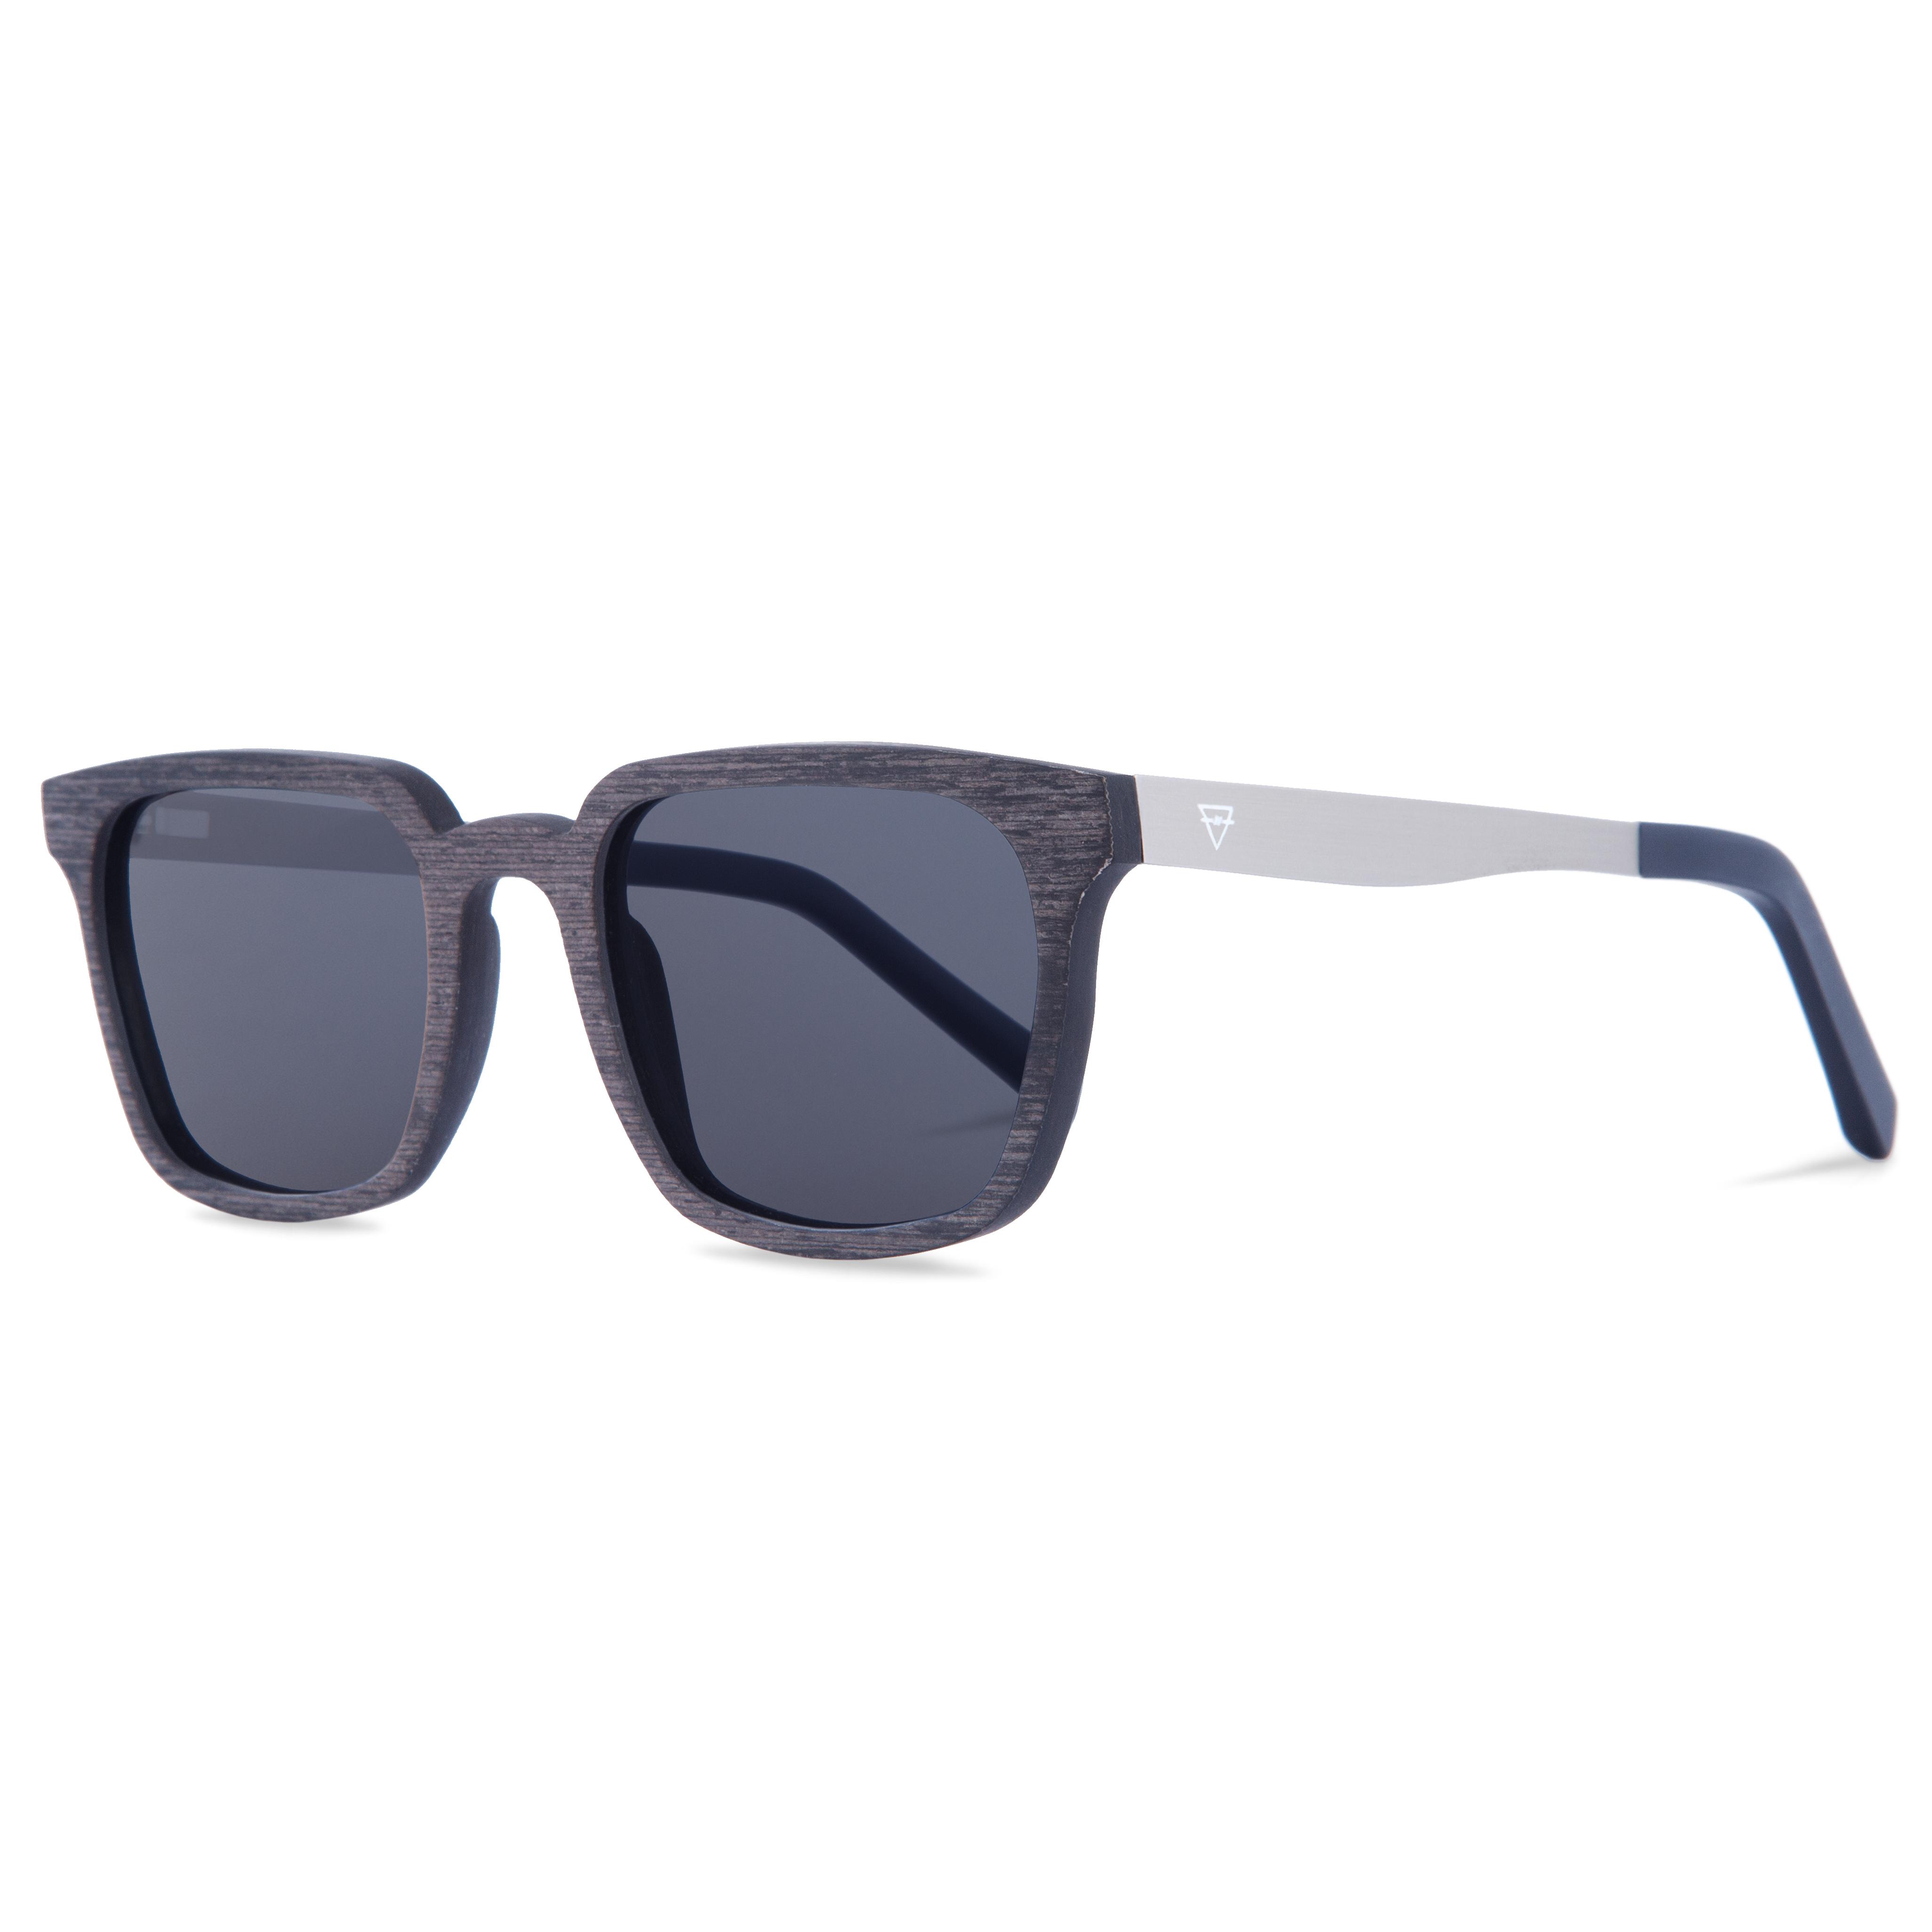 Kerbholz Sonnenbrillen Theodor Grenadill Holz Edelstahl blau grau Carl Zeiss